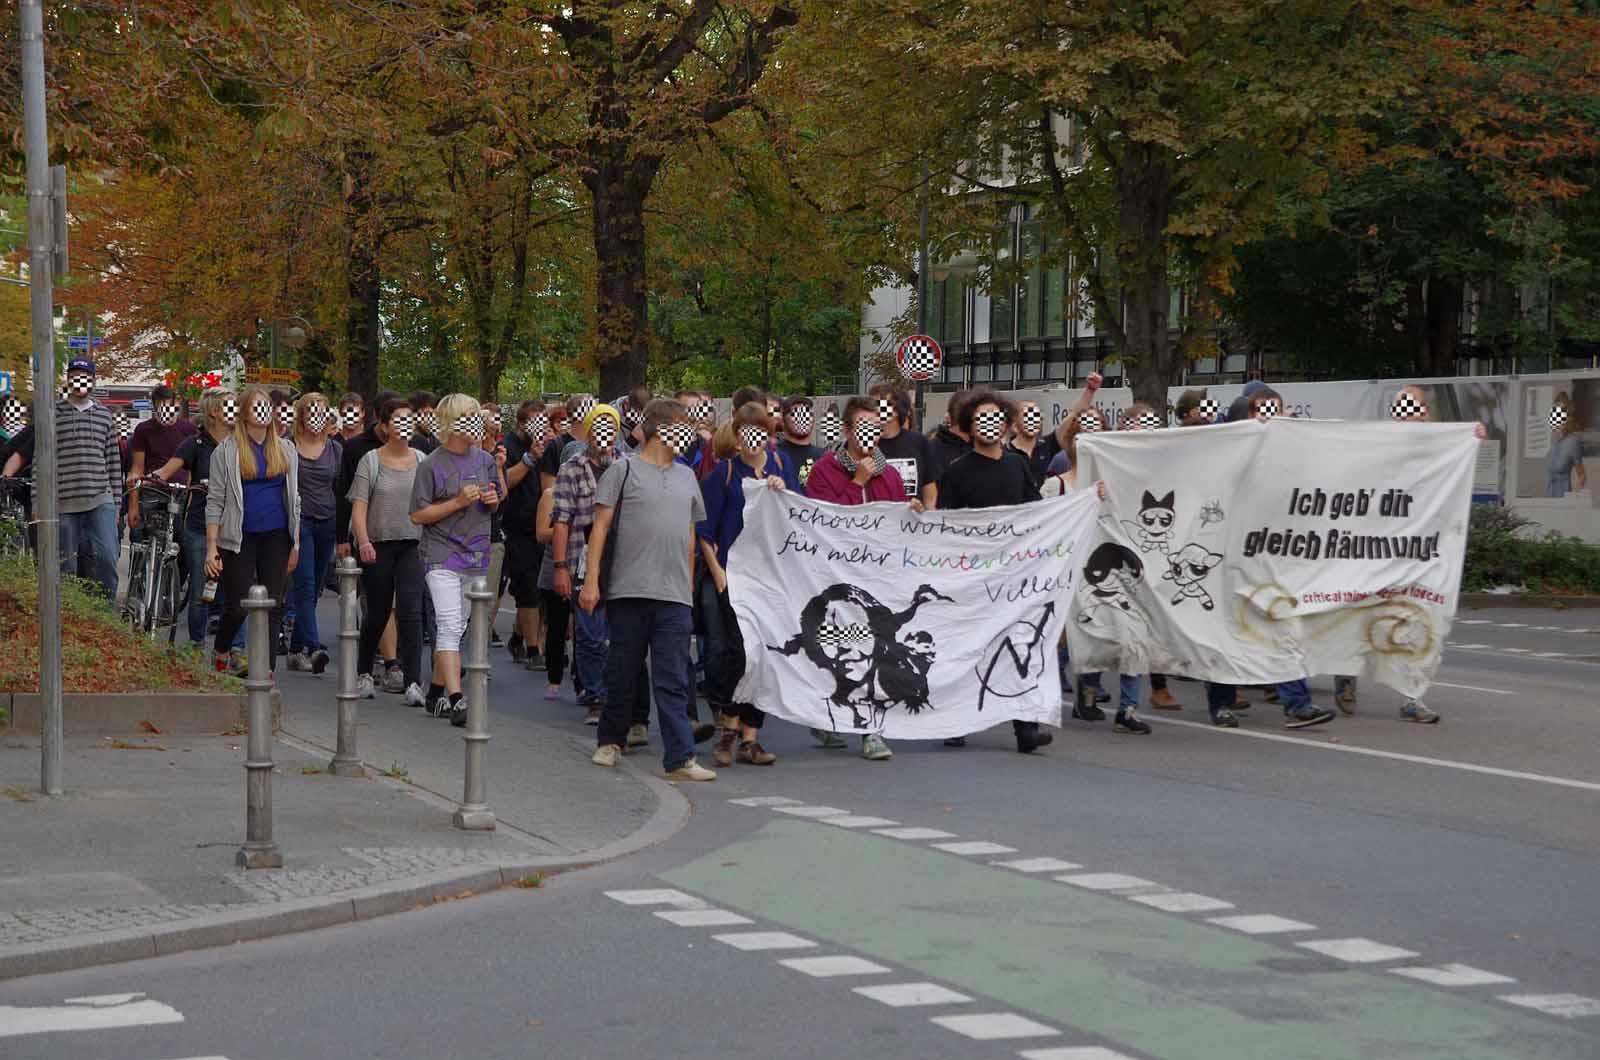 12-08-28_austrasse-7-solidemo-ffm_bockenheimer-landstrasse_web